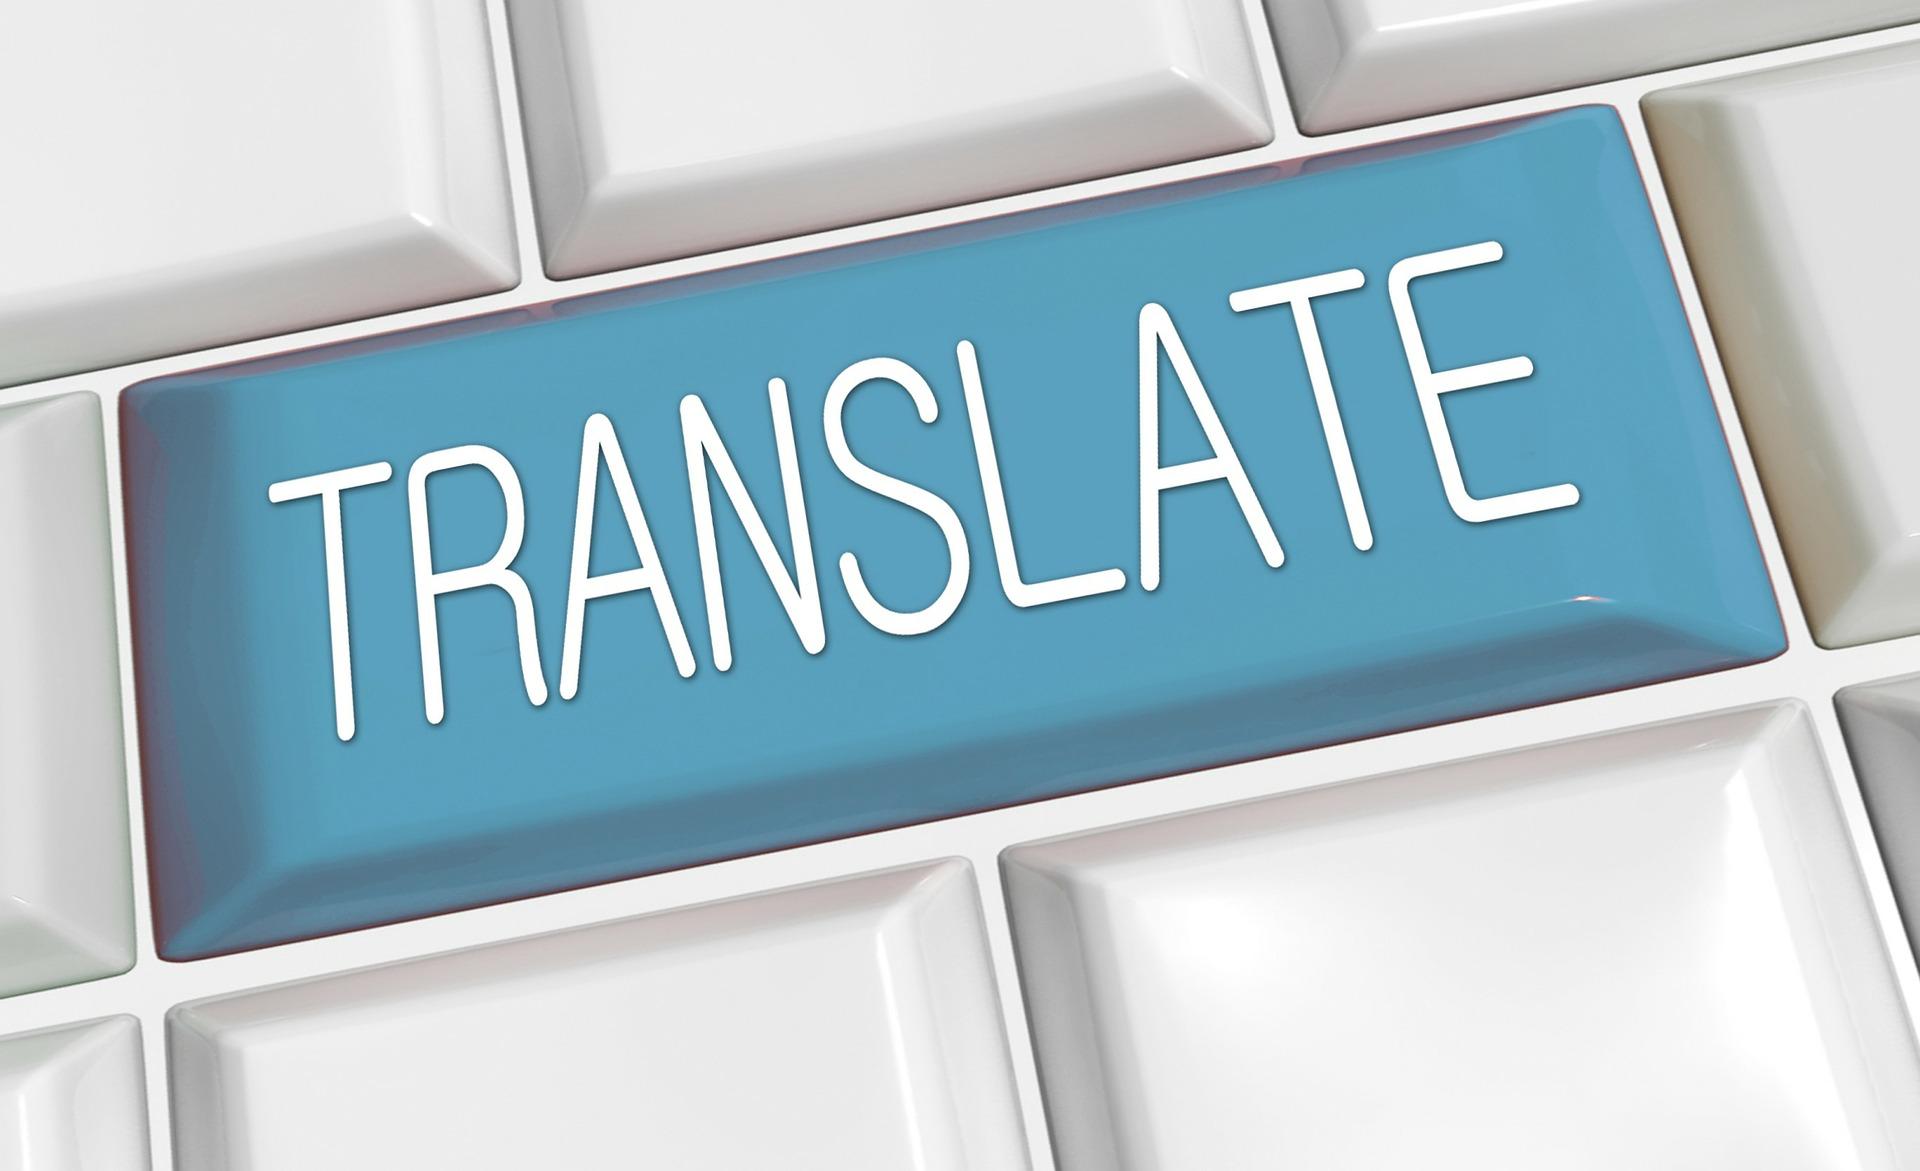 translate-110777_1920.jpg